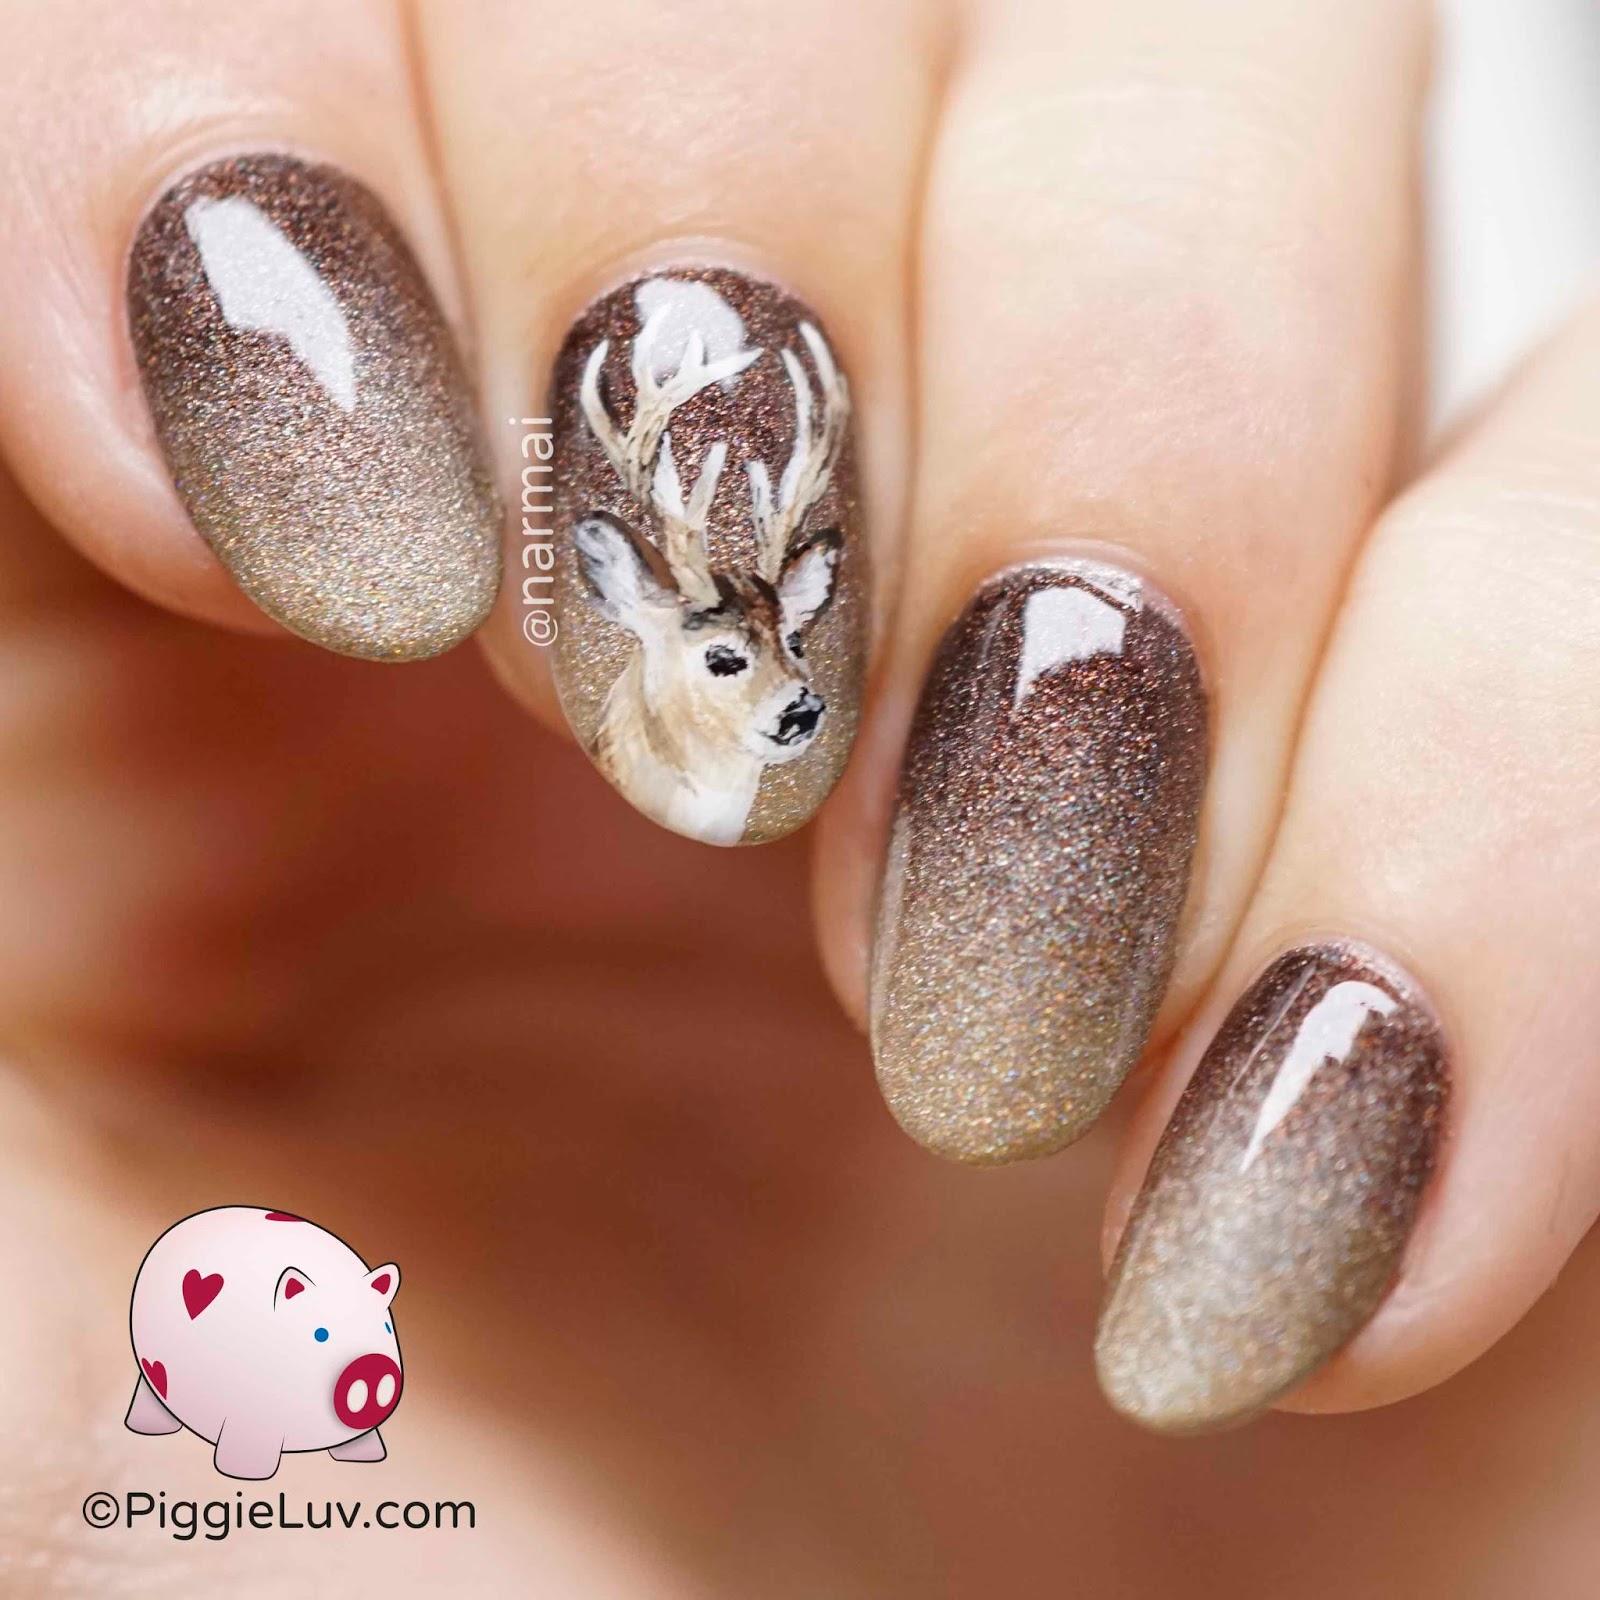 PiggieLuv: Oh deer! nail art